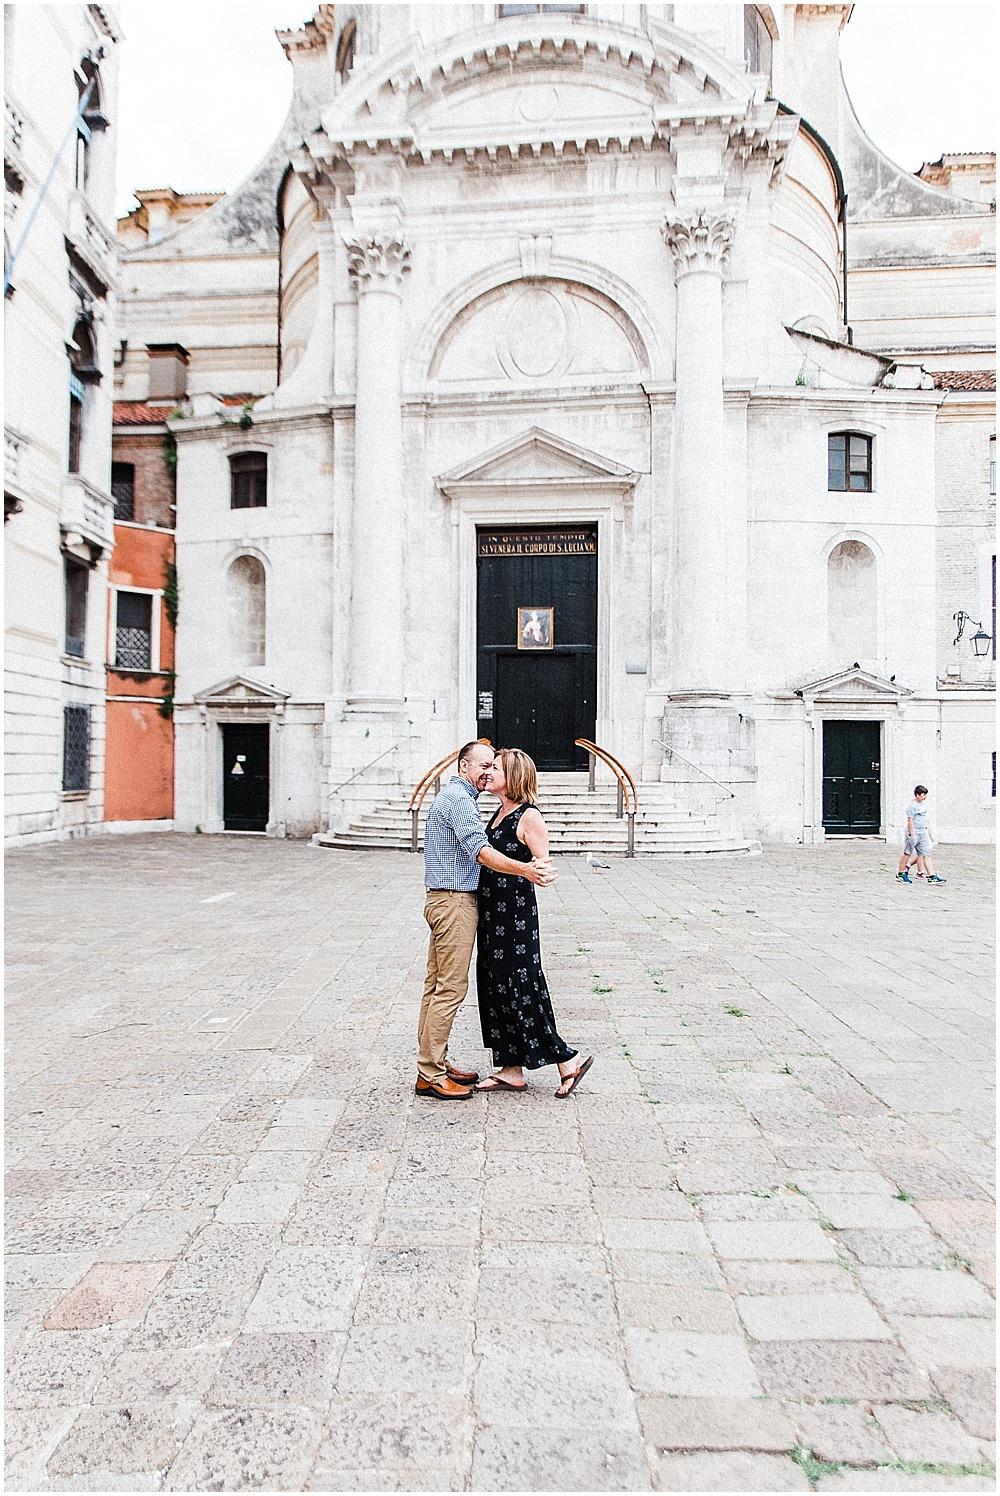 wedding-photographer-venice-stefano-degirmenci_0075.jpg